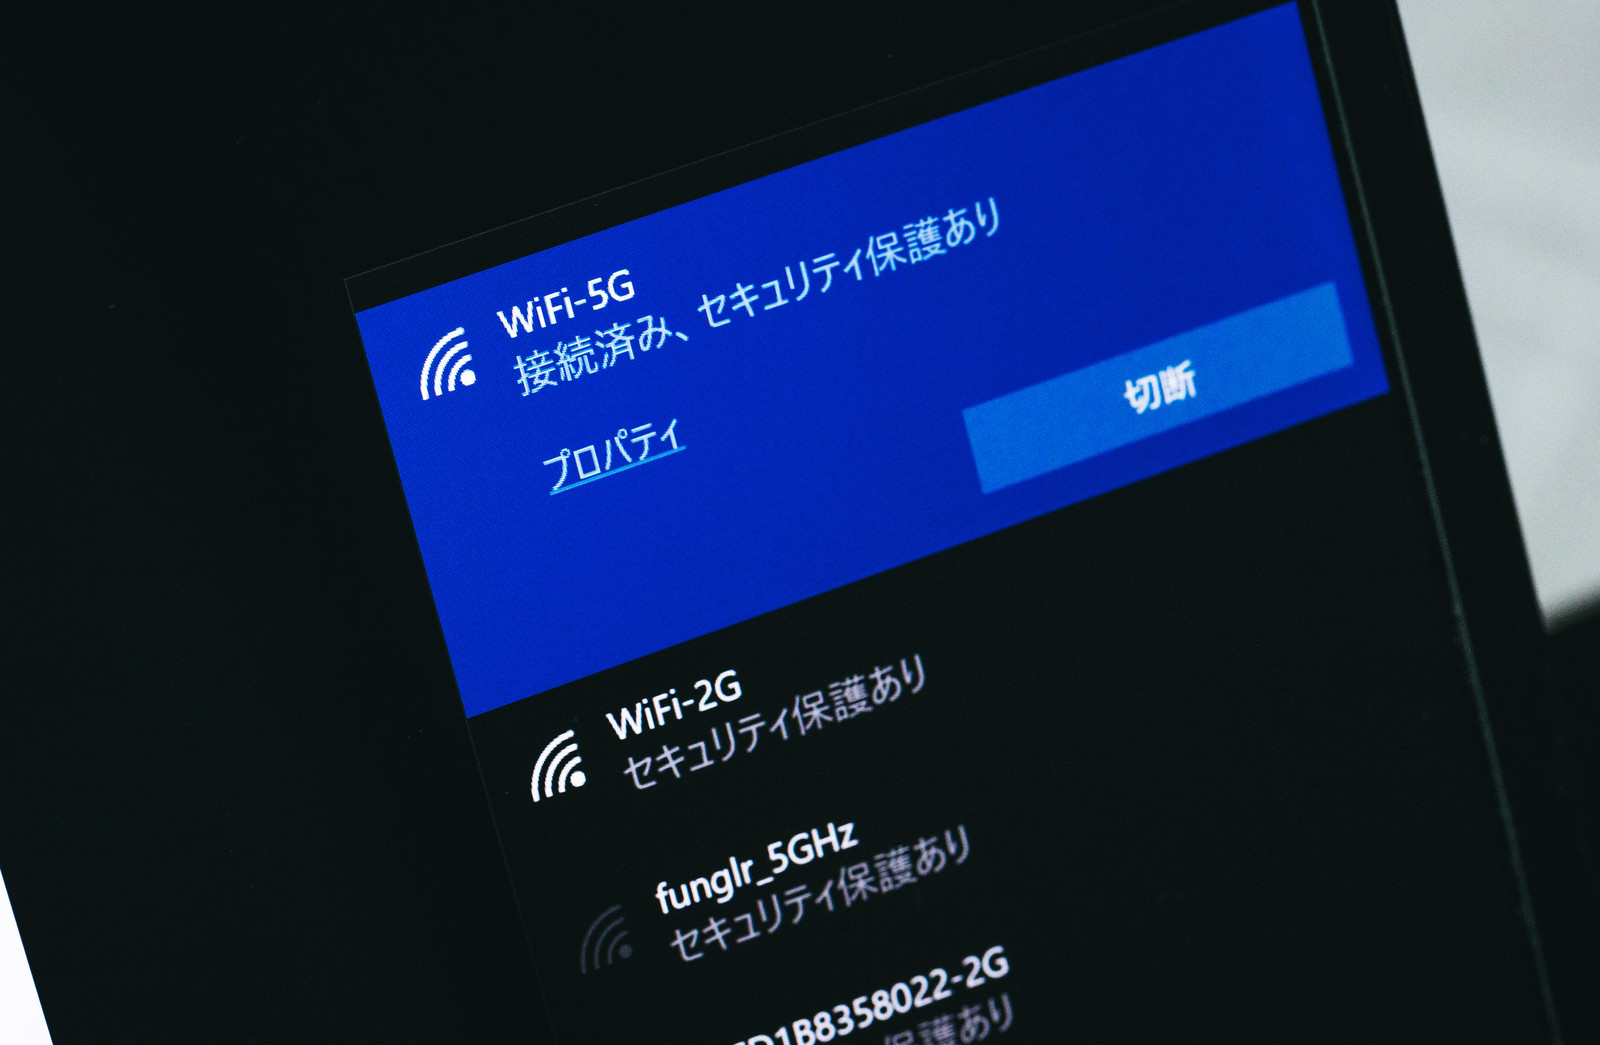 「これは次世代「5G」ではなくWi-Fiの5GHzです。」の写真